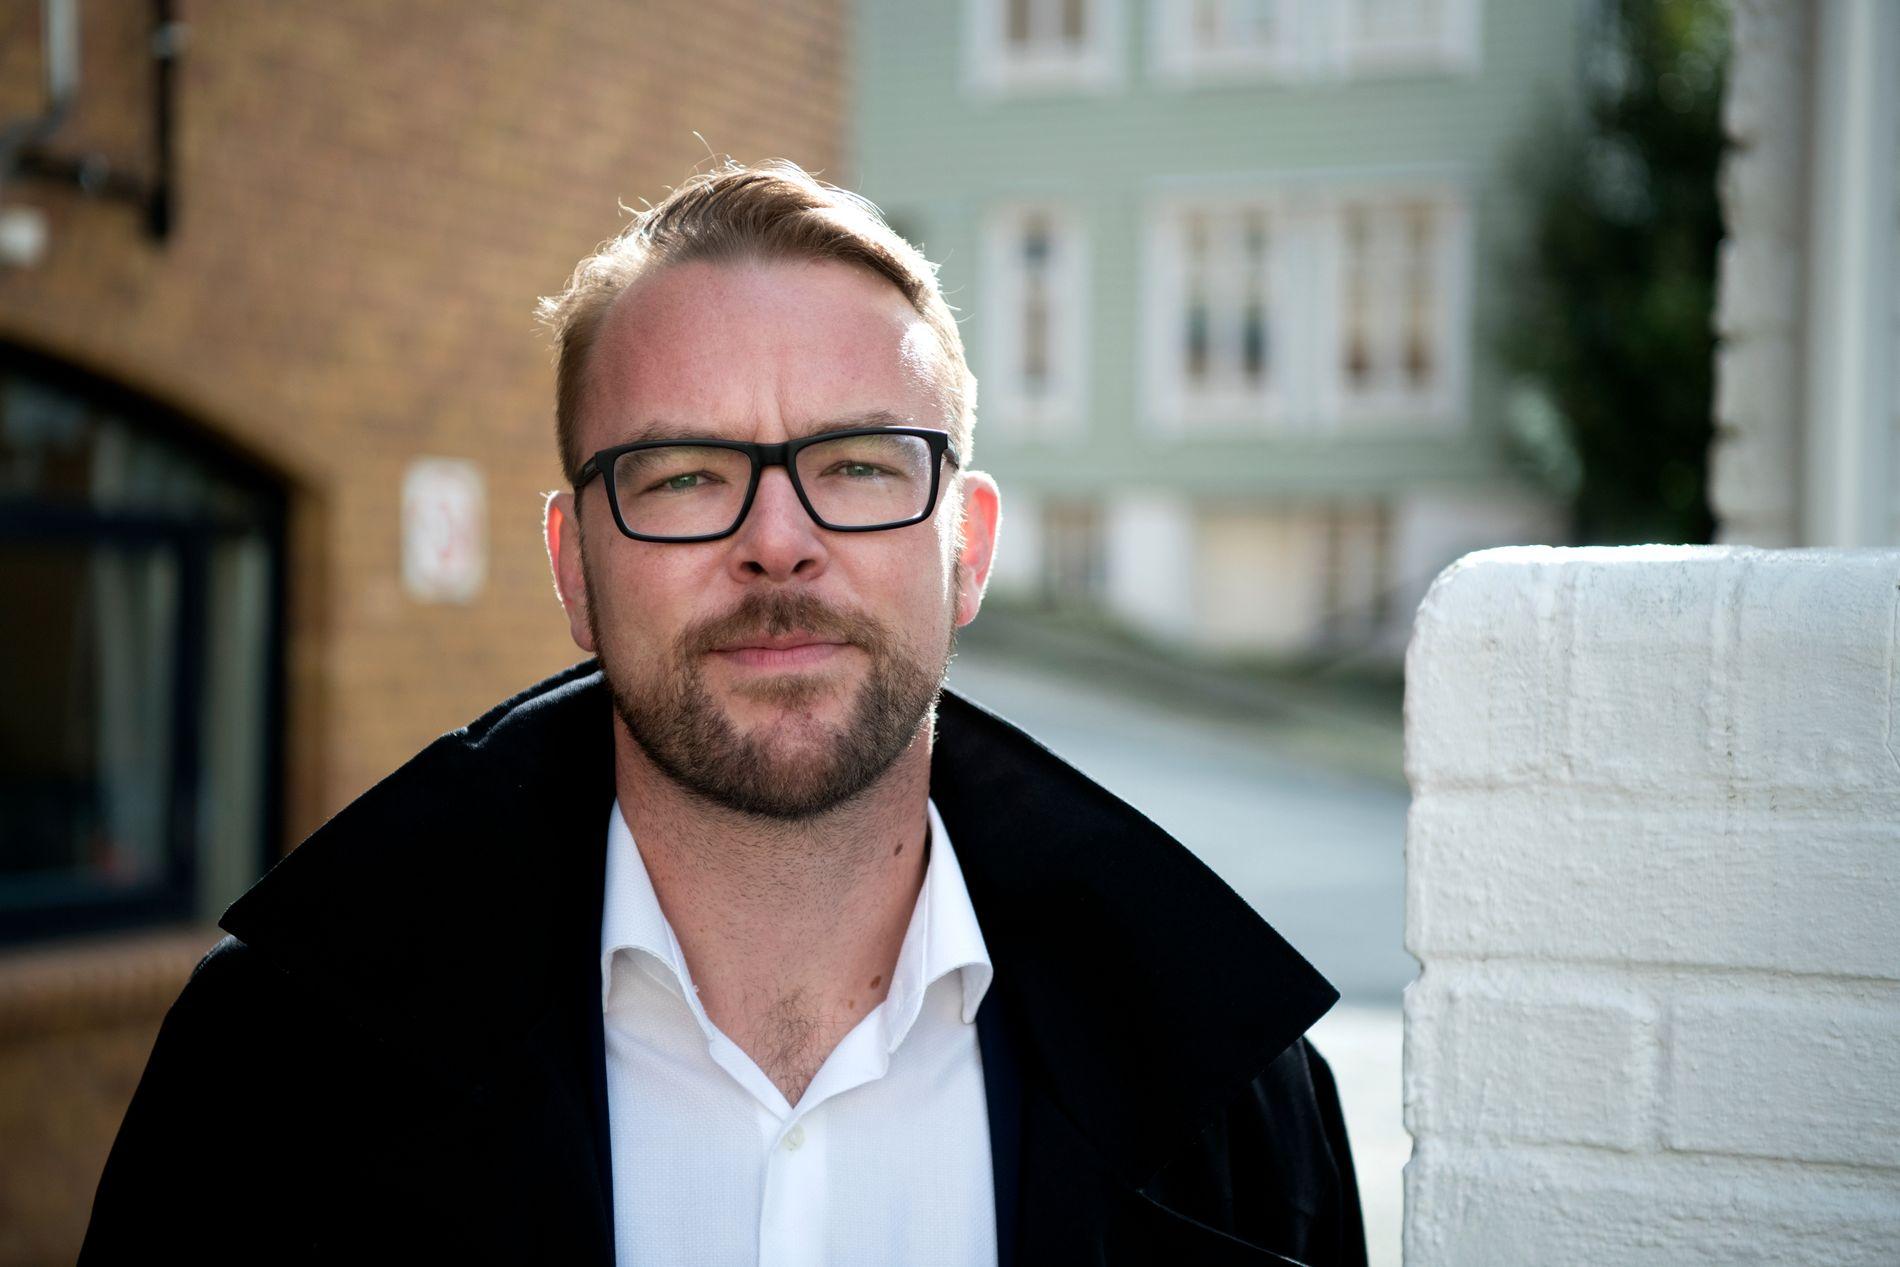 VALGFRIHET: Høyres forsvar for valgfrihet ble avgjørende for Harald Victor Hoves partivalg.